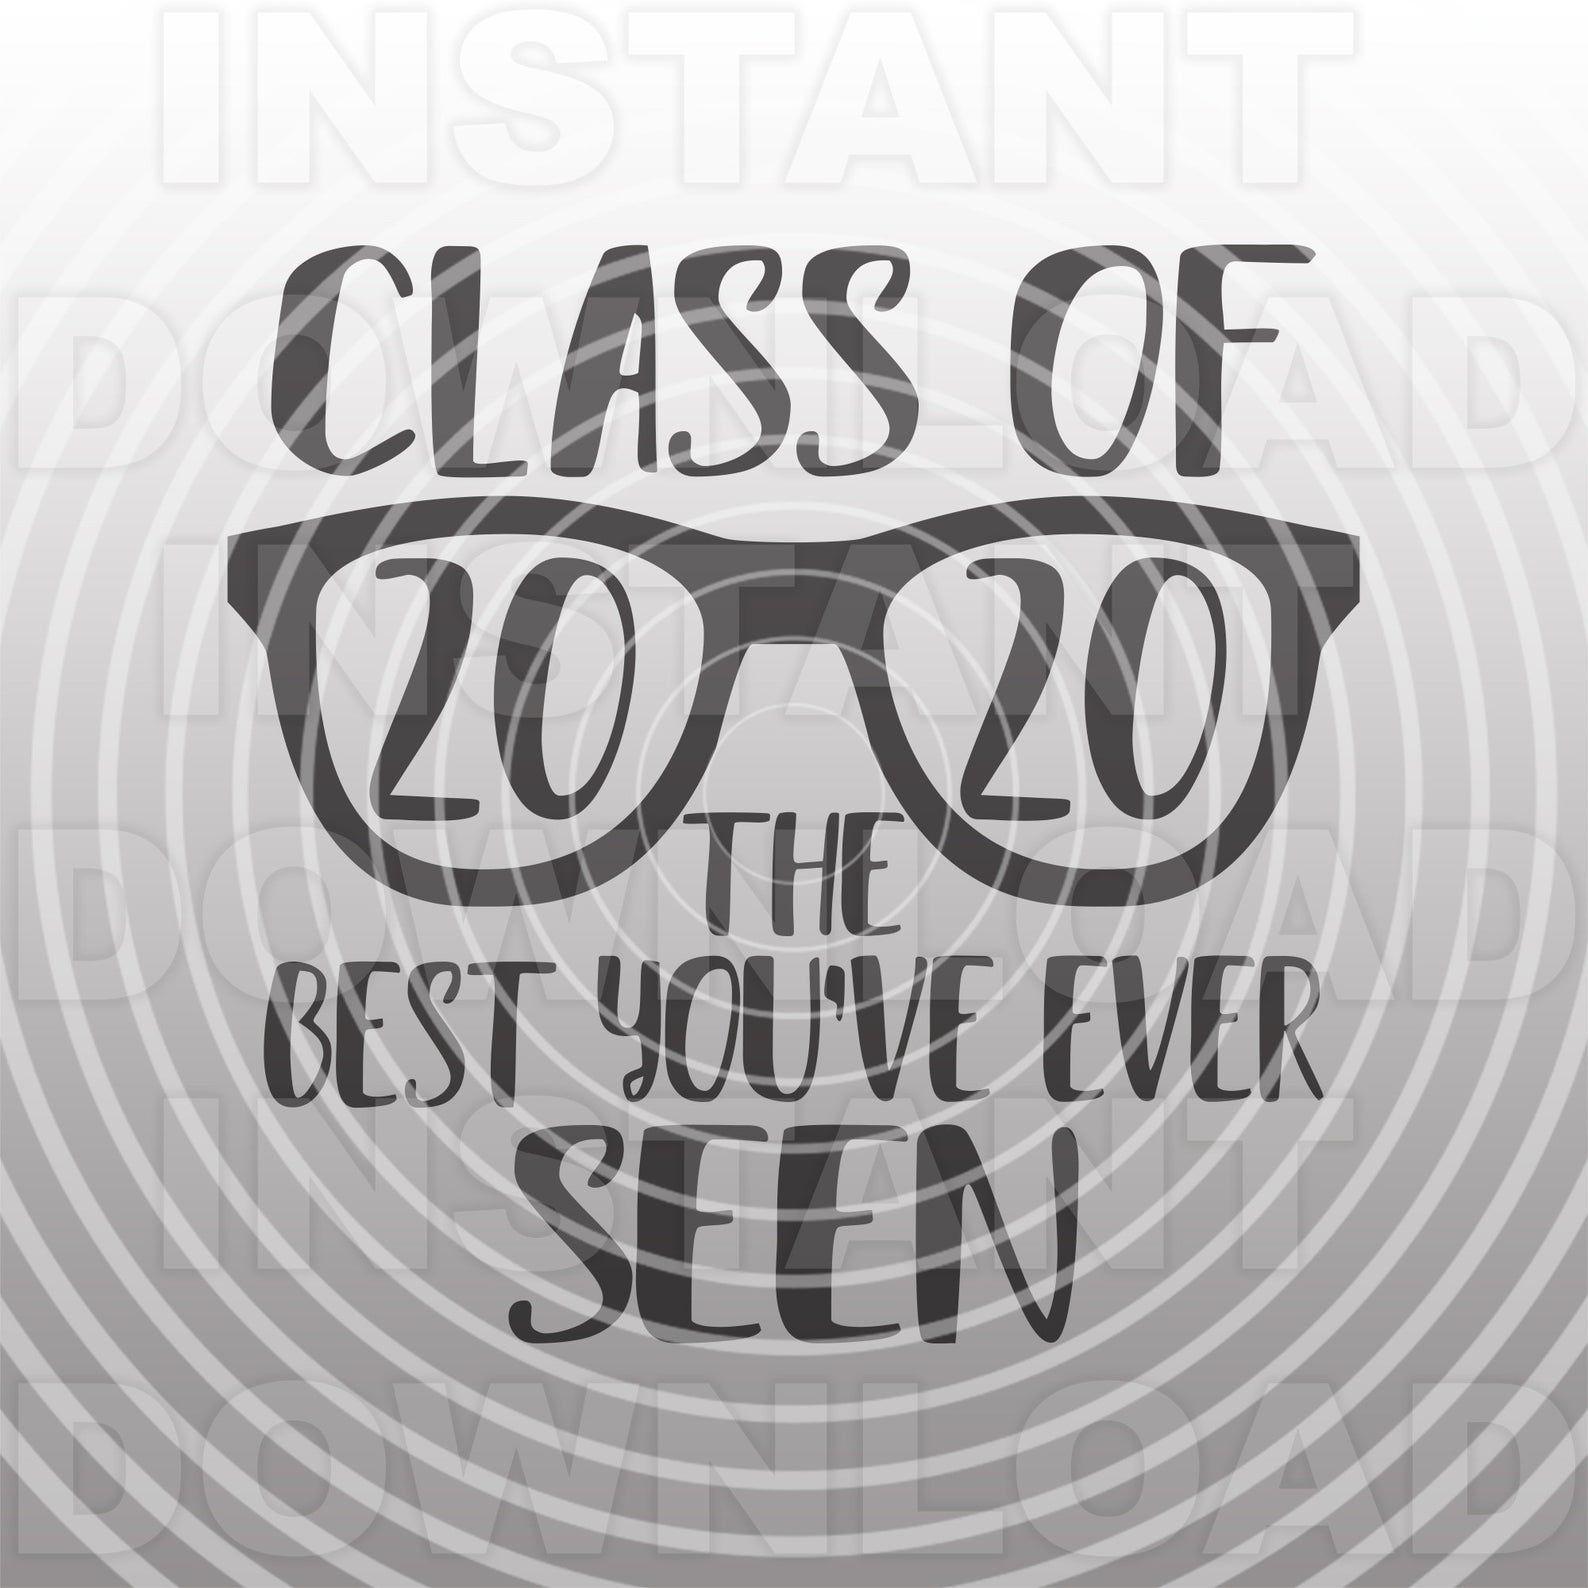 Class of 2020 Best You've Ever Seen SVG FileClass of 2020